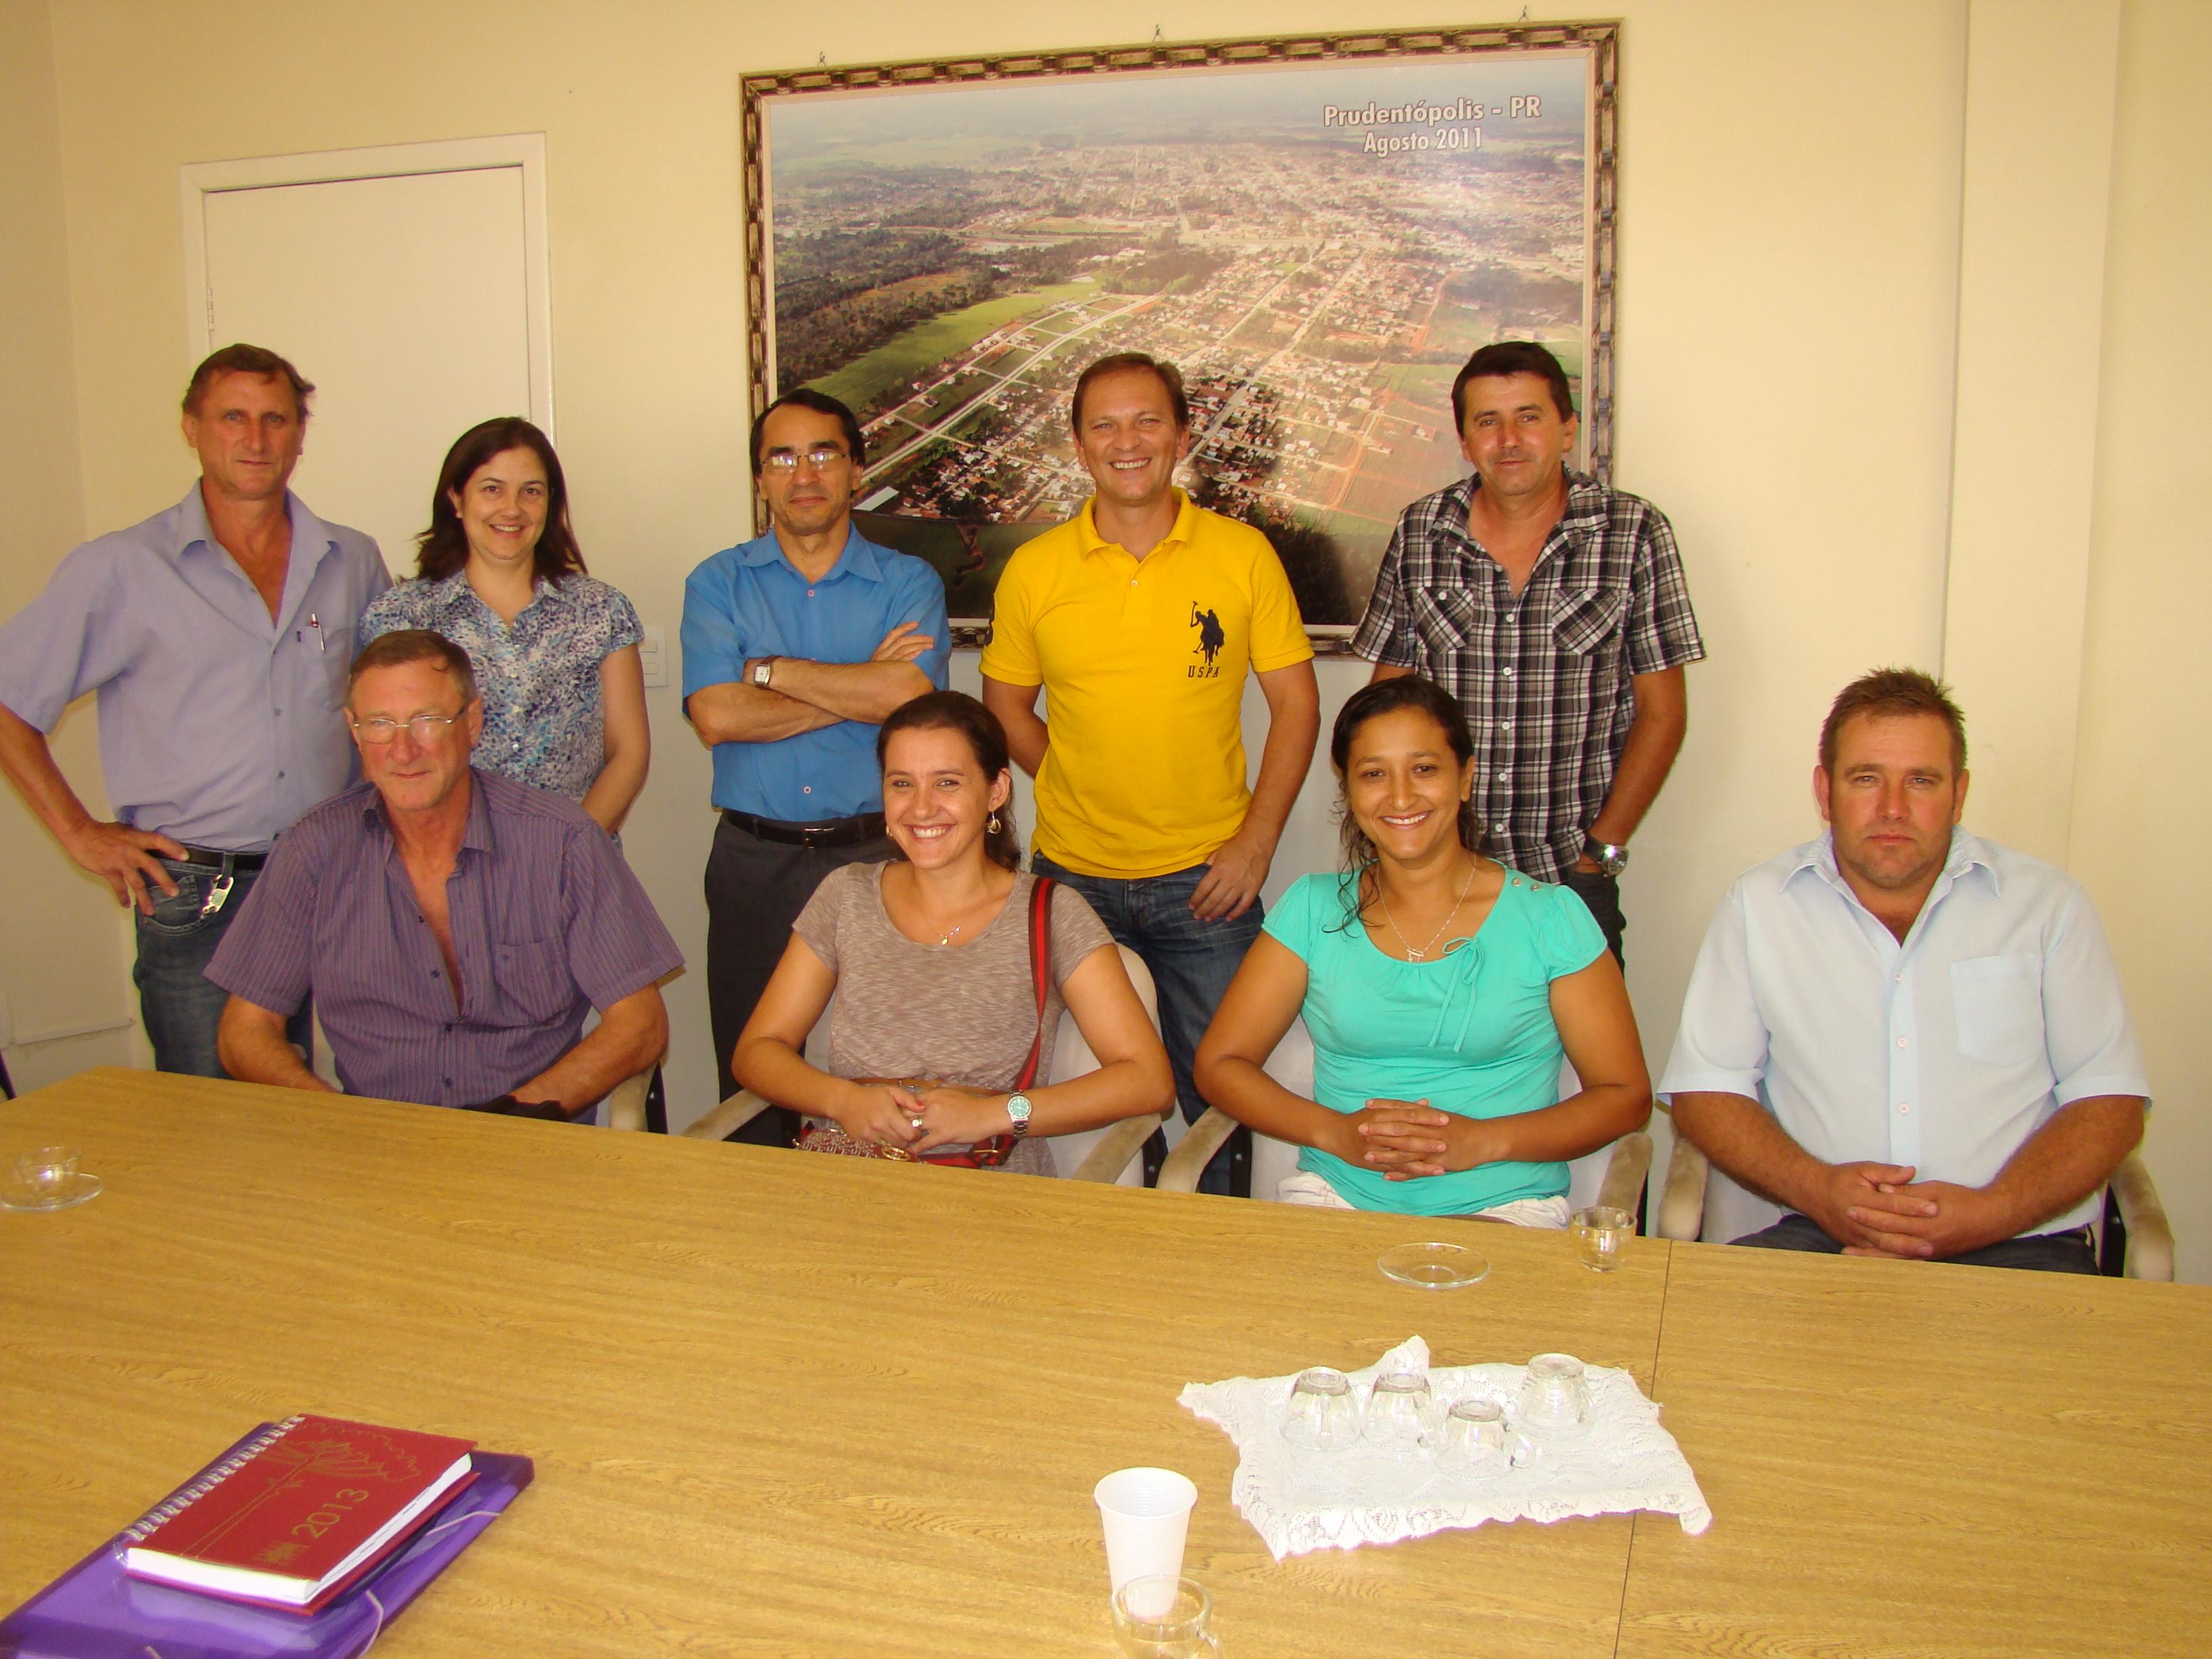 Representantes da comunidade de Bracatinga e dos oleiros, Vereador Yako e Secret�rios Municipais presentes na reuni�o.